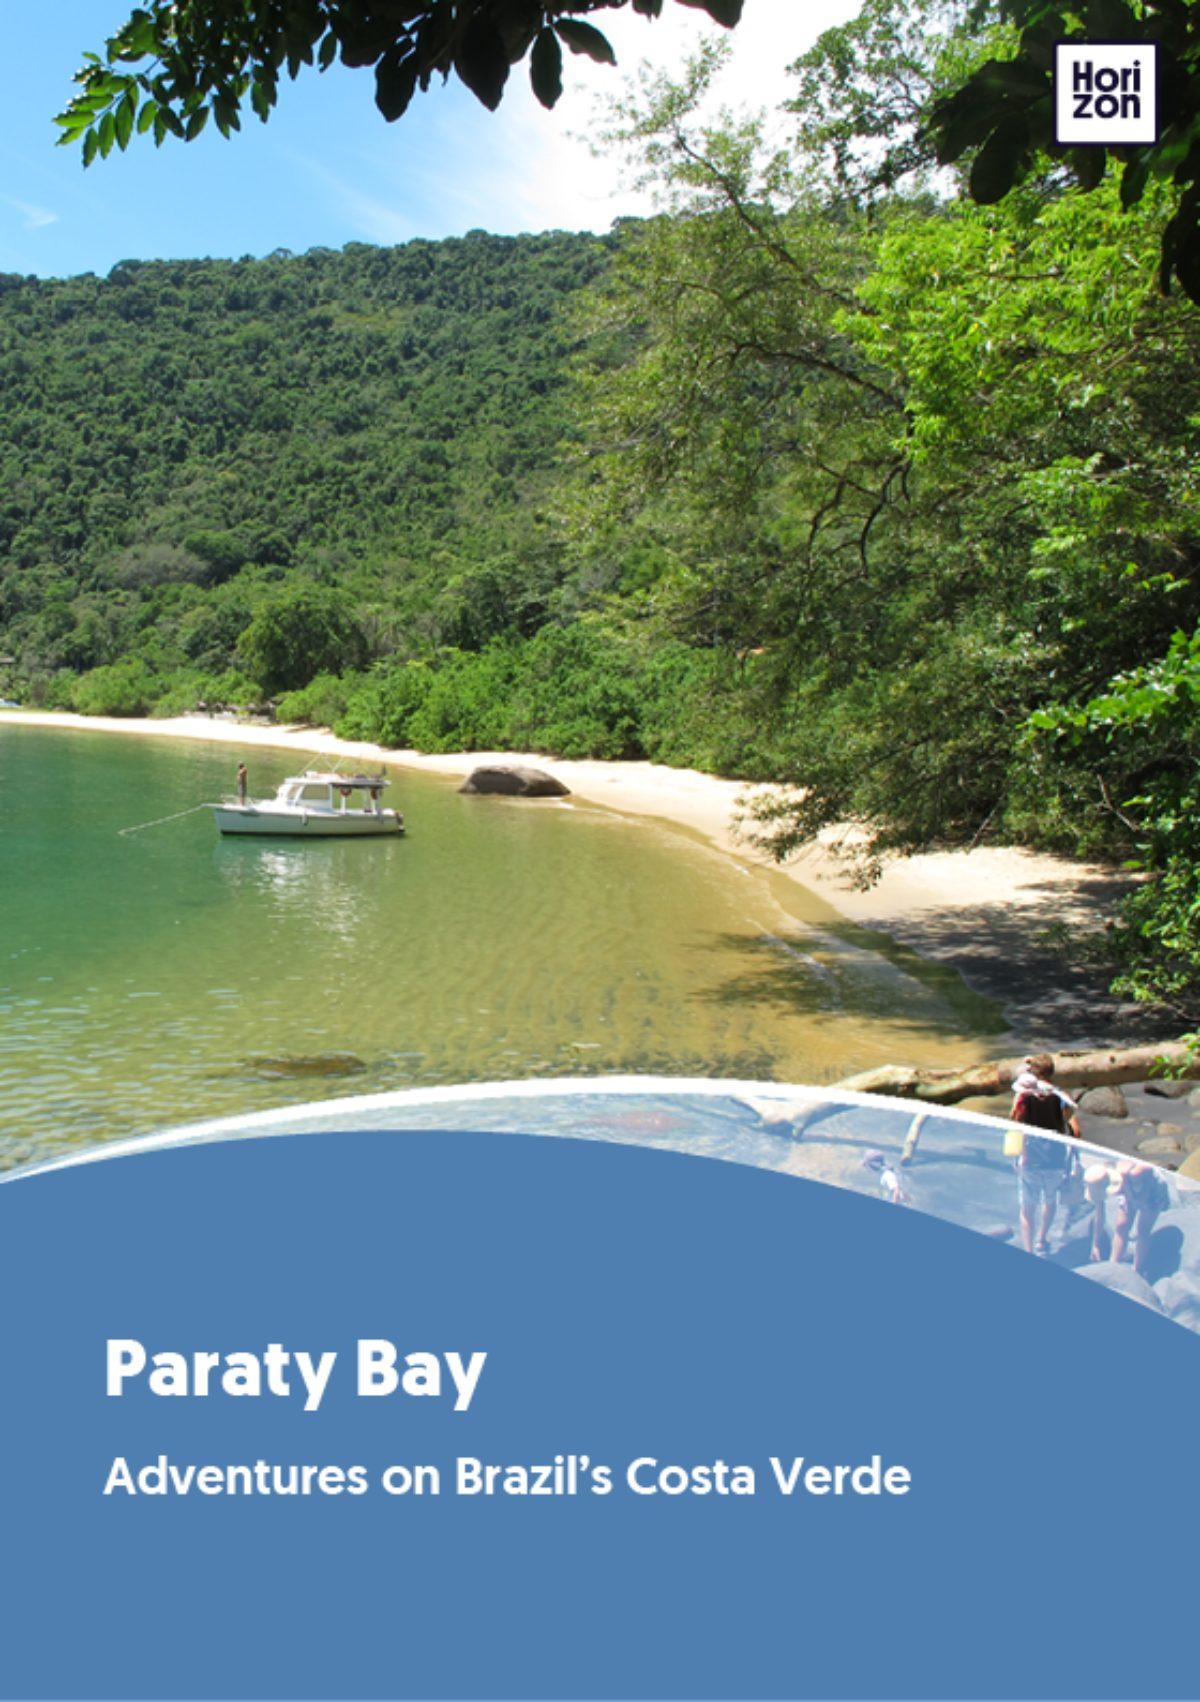 Paraty Bay